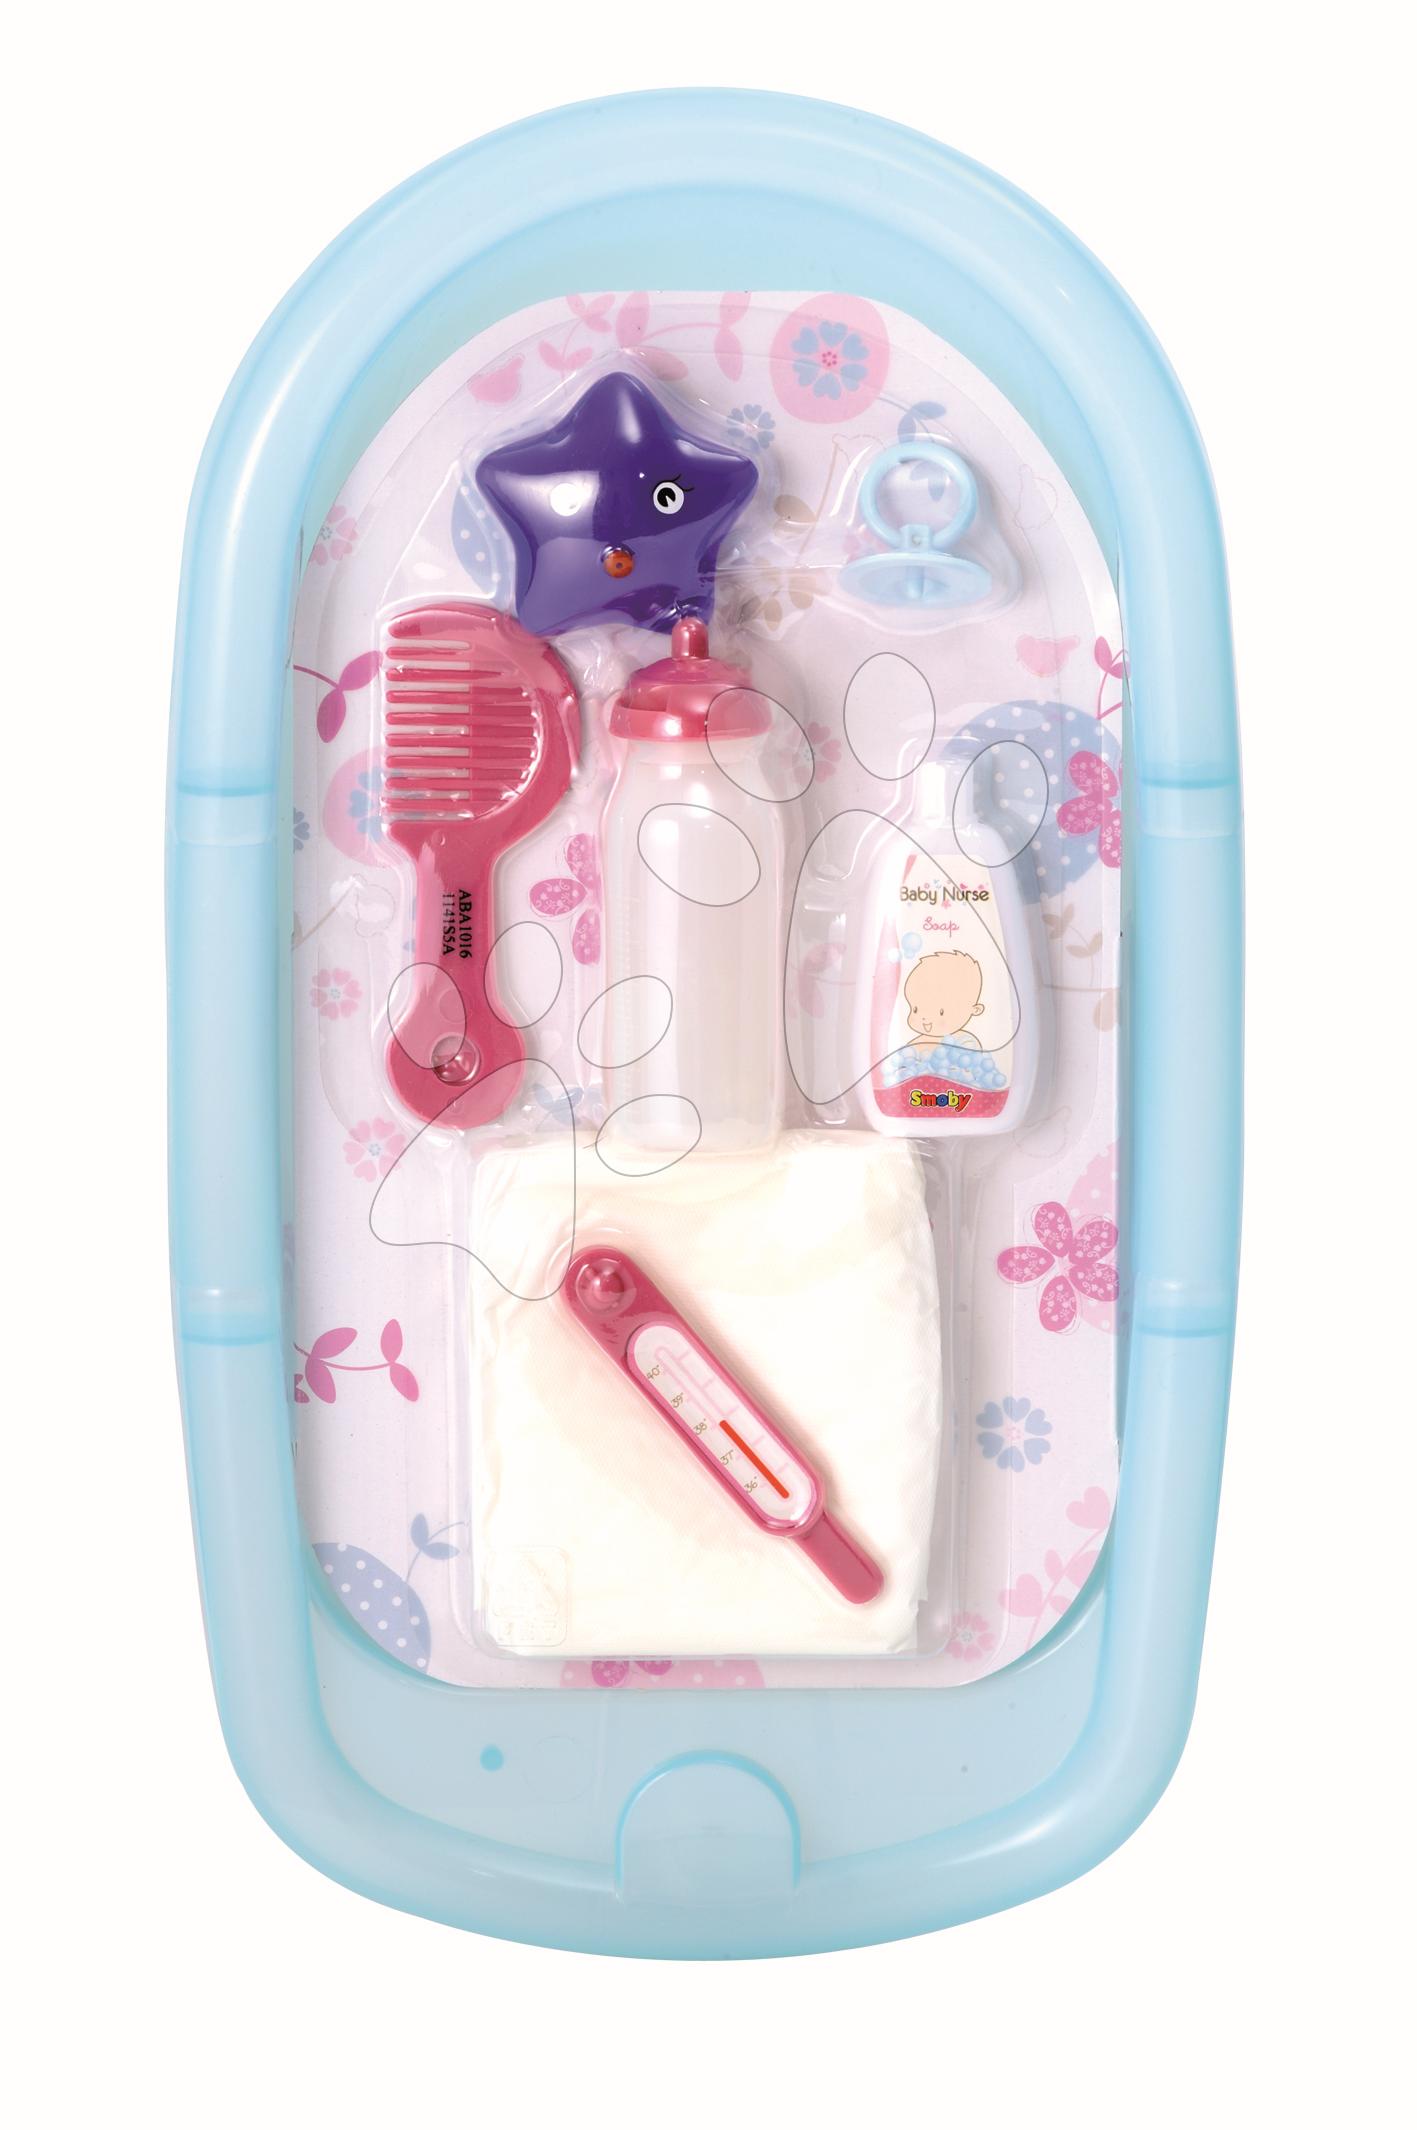 Staré položky - Vanička Baby Nurse Smoby na kúpanie bábiky (42 cm) +8 doplnkov